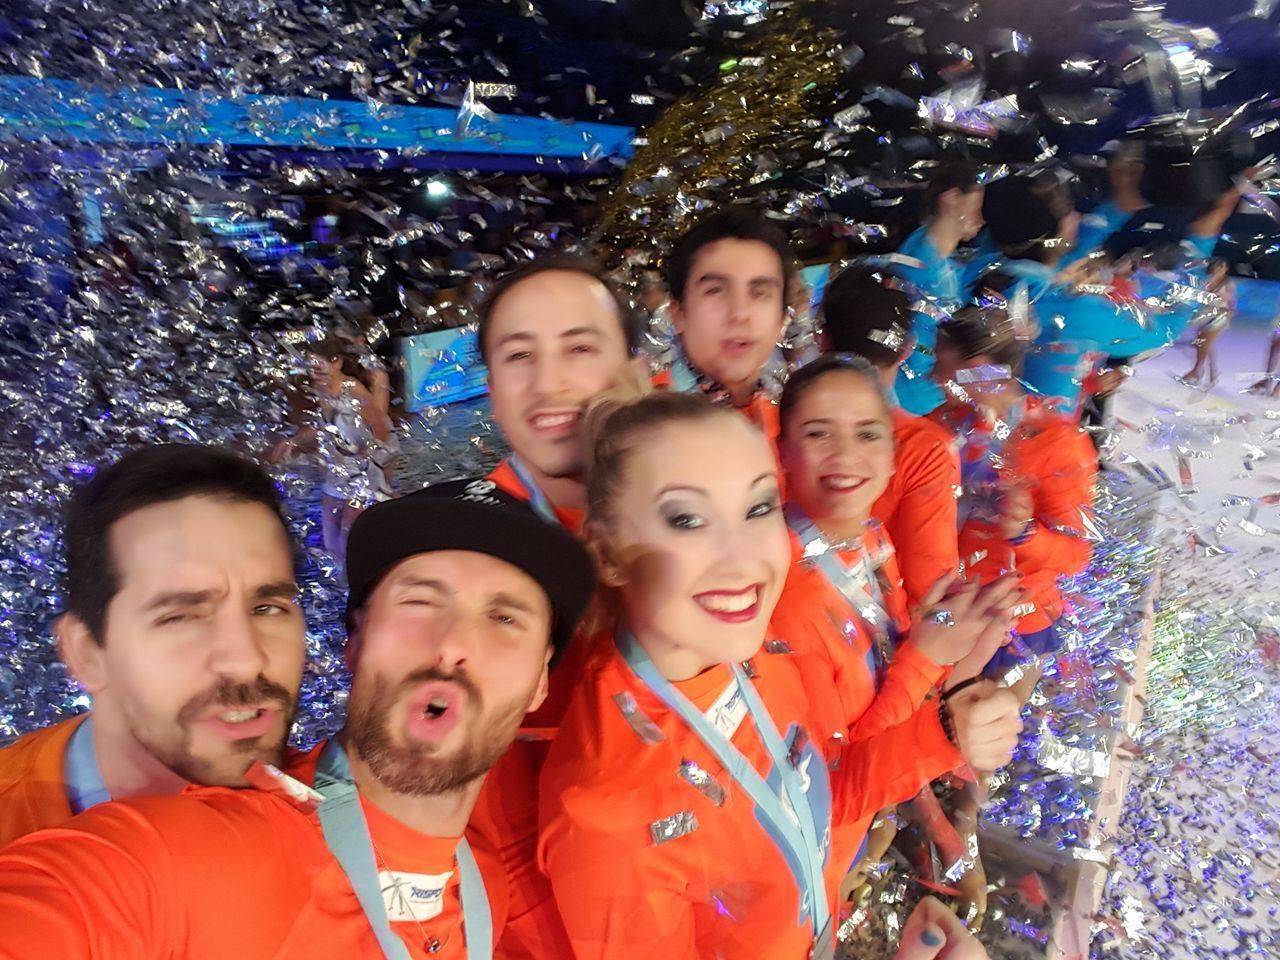 Davide Giannoni sul podio all'International Roller Cup di Modena